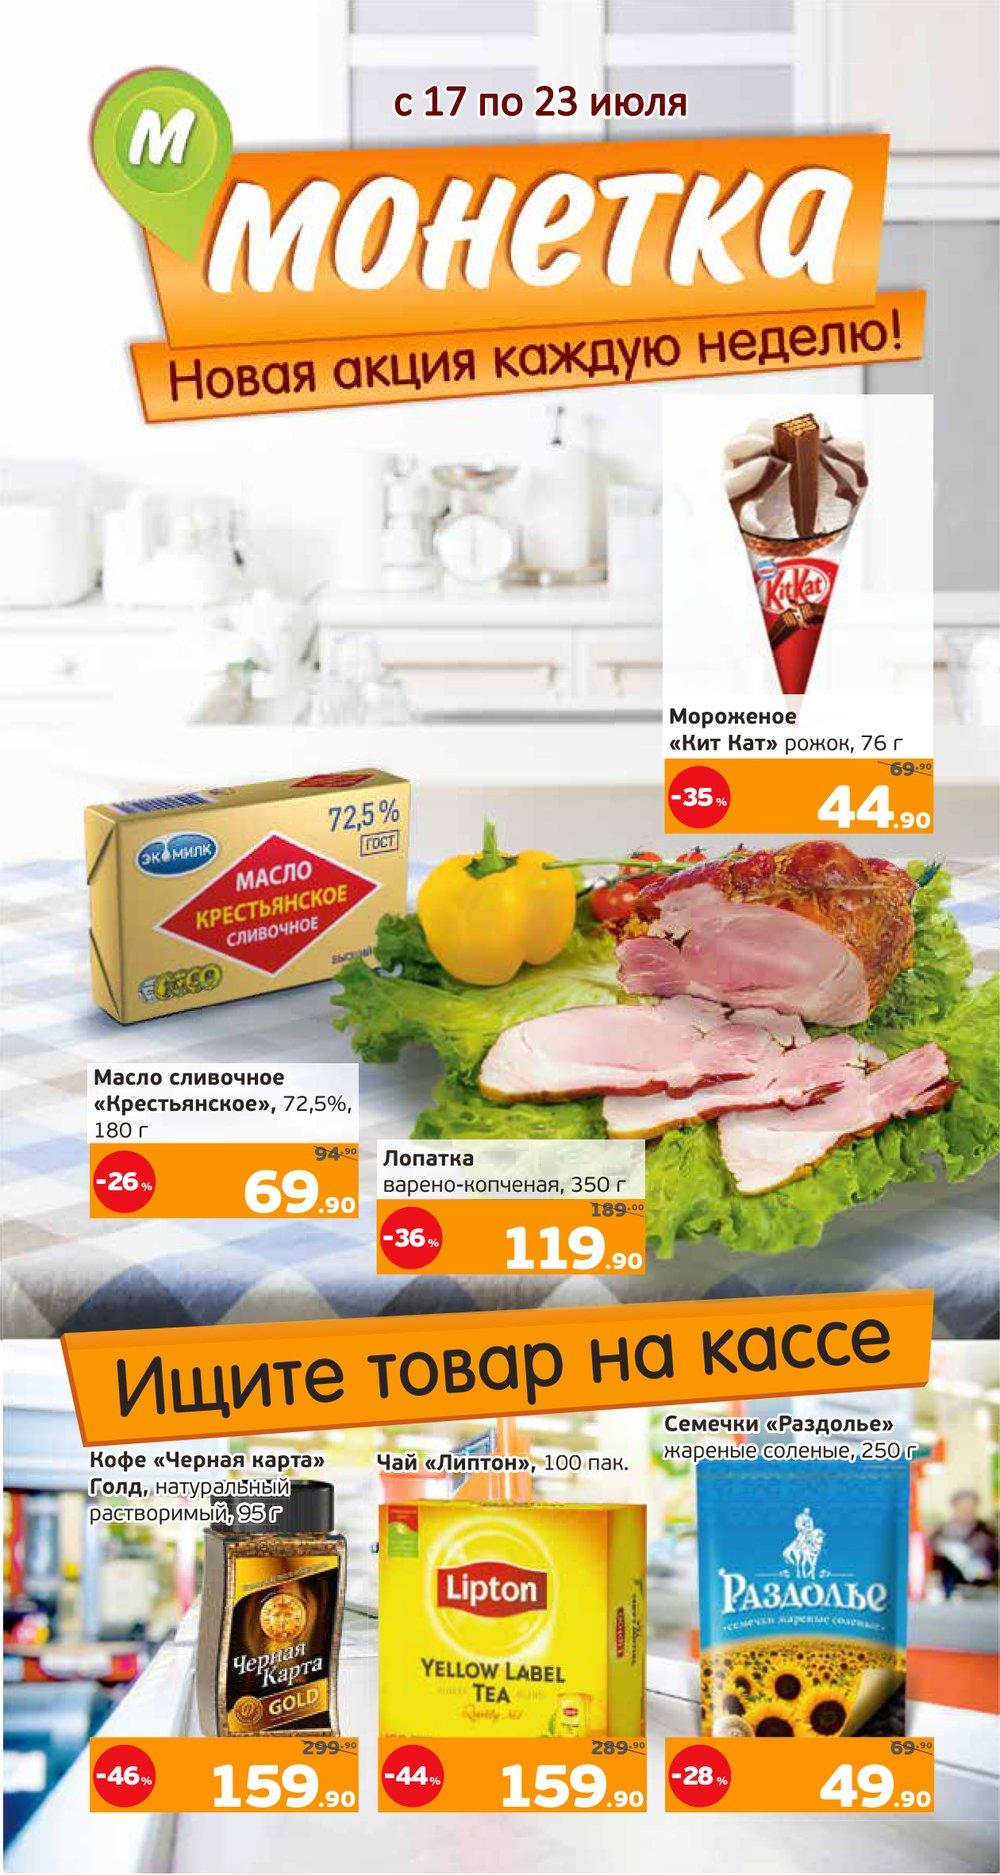 Каталог акций Монетка с 17 по 23 июля 2017 - стр. 2